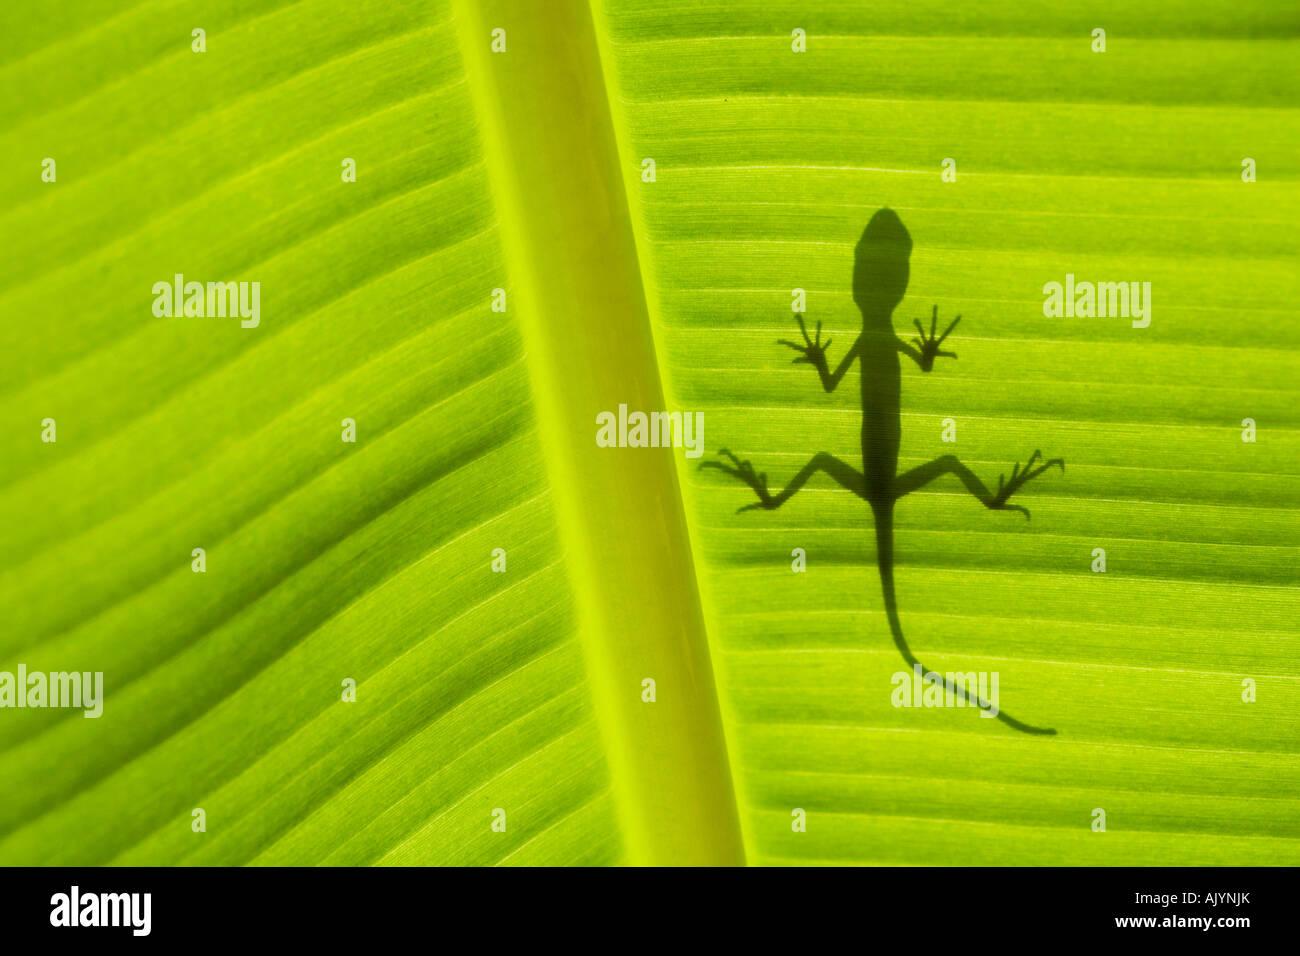 Sombra de lagarto en hoja de plátano Imagen De Stock